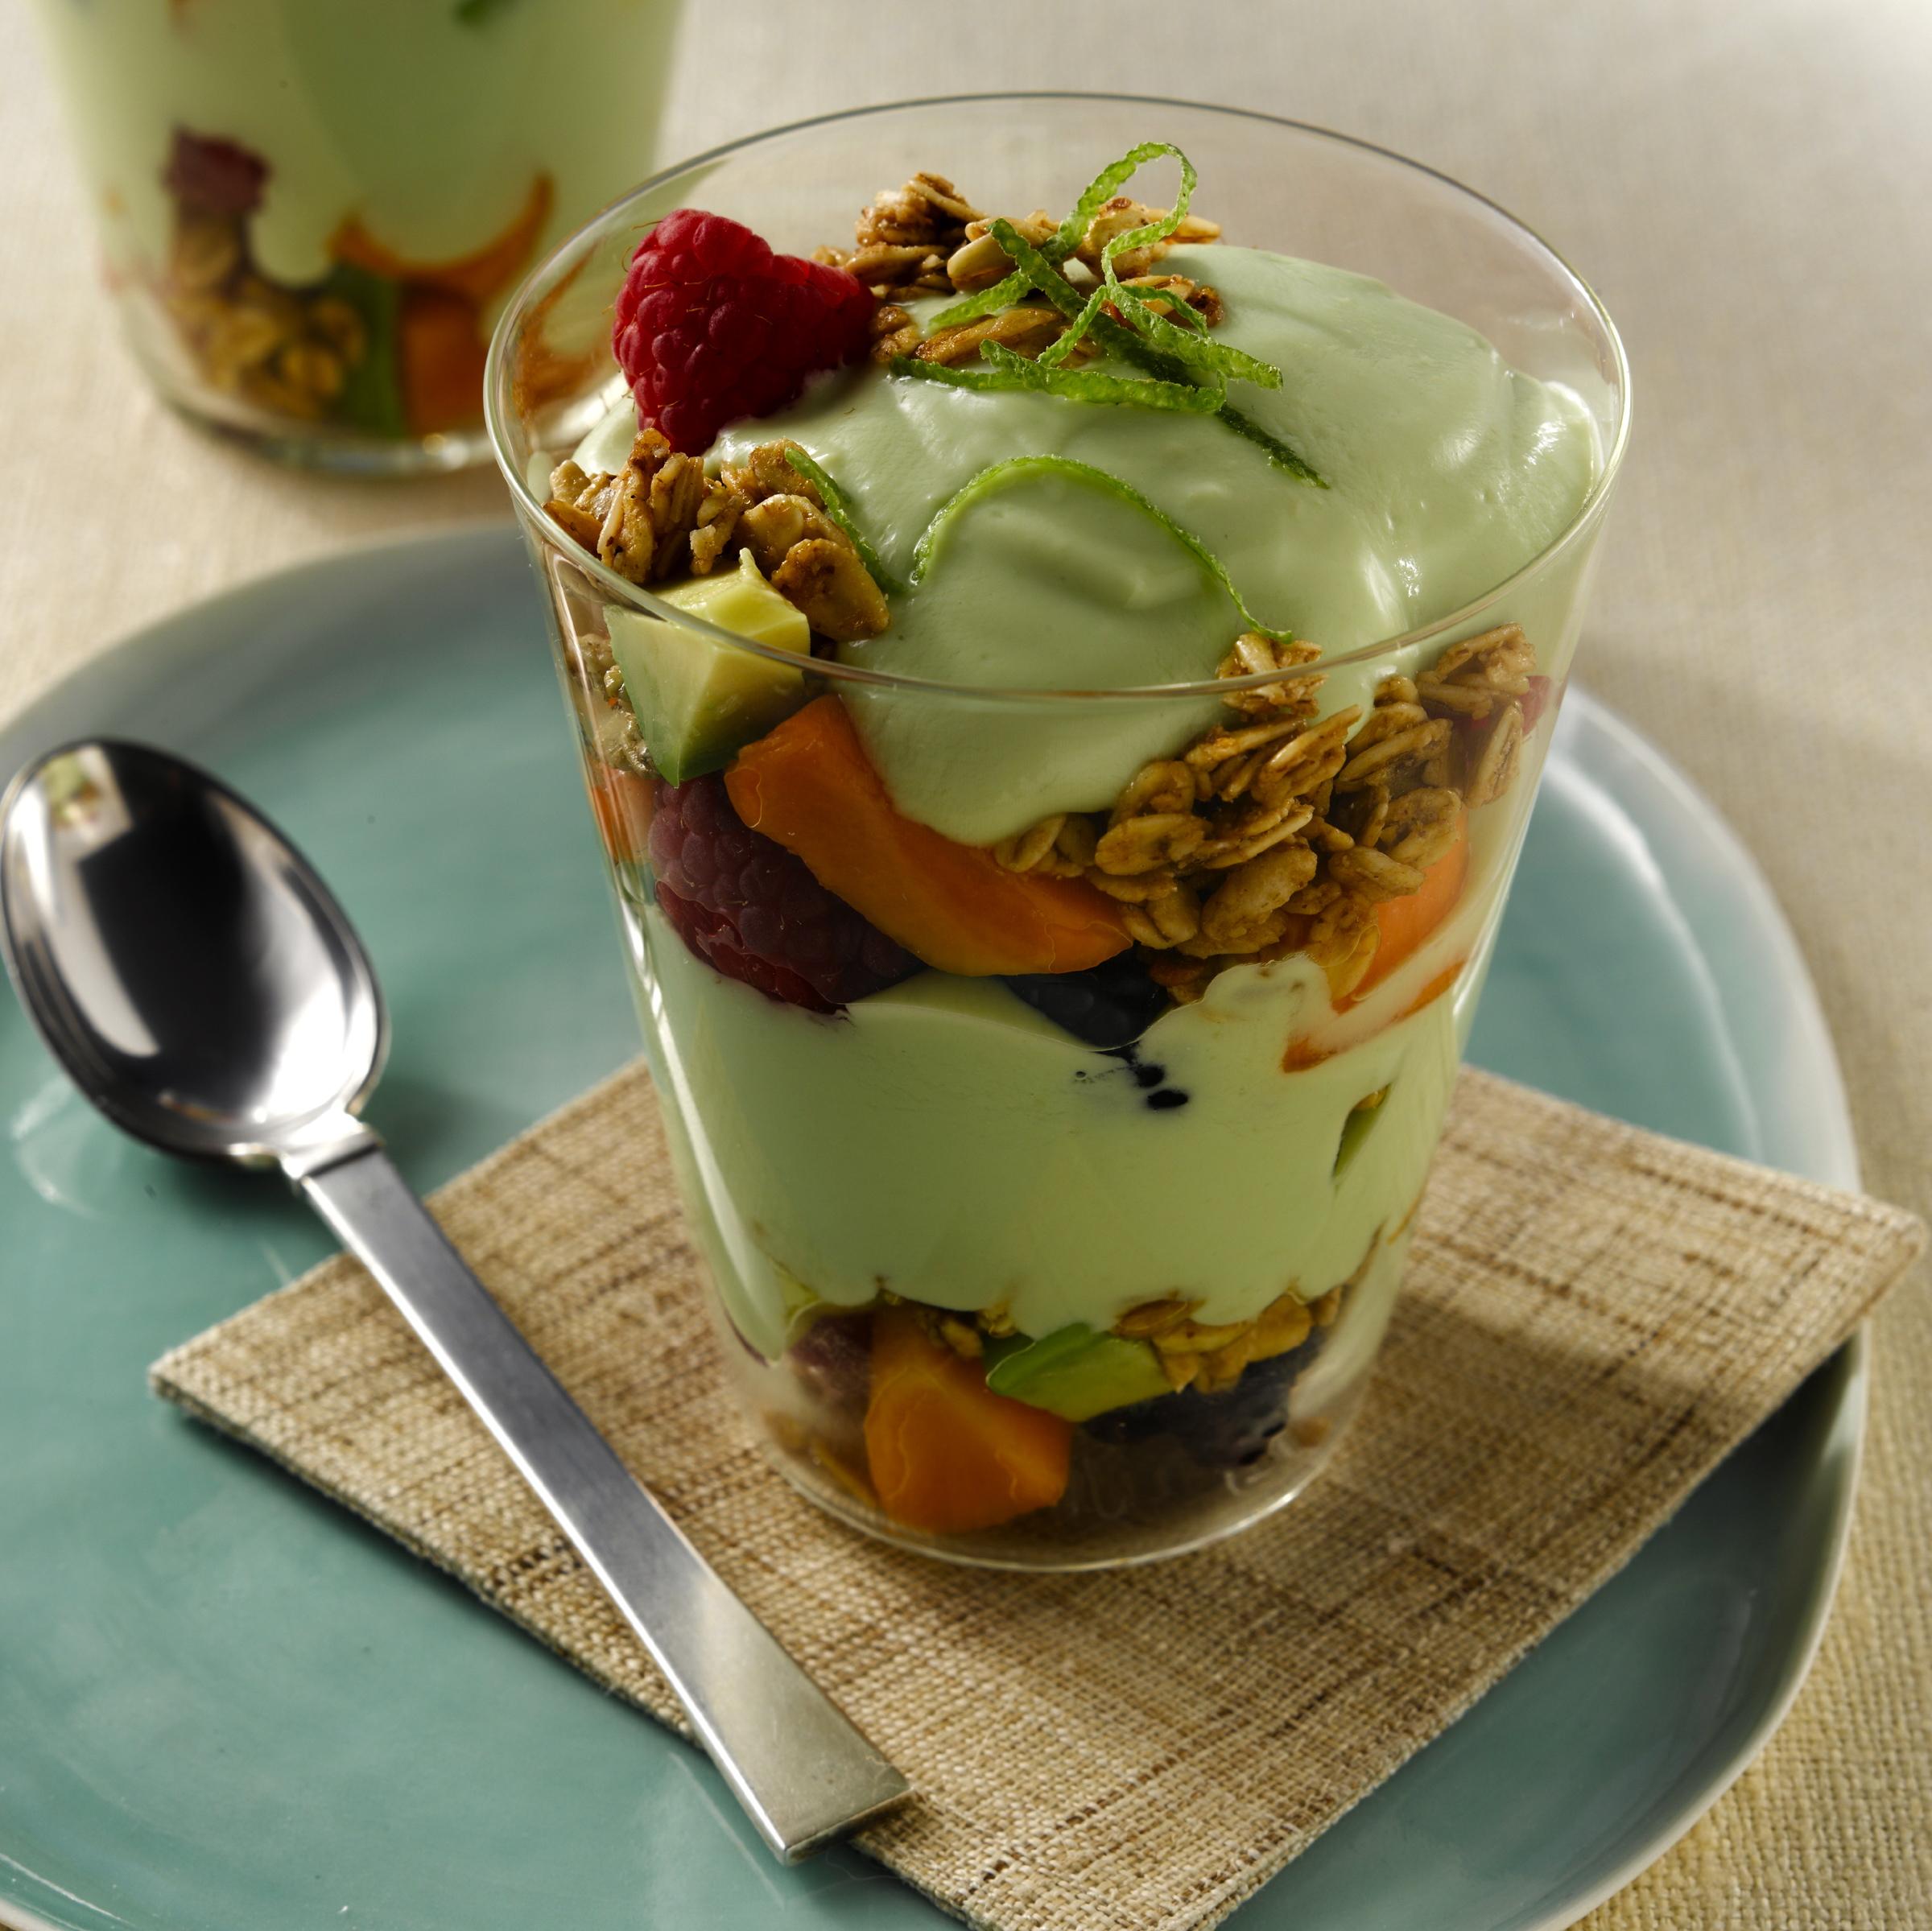 Postres helados (parfaits) de yogurt con aguacate y limón